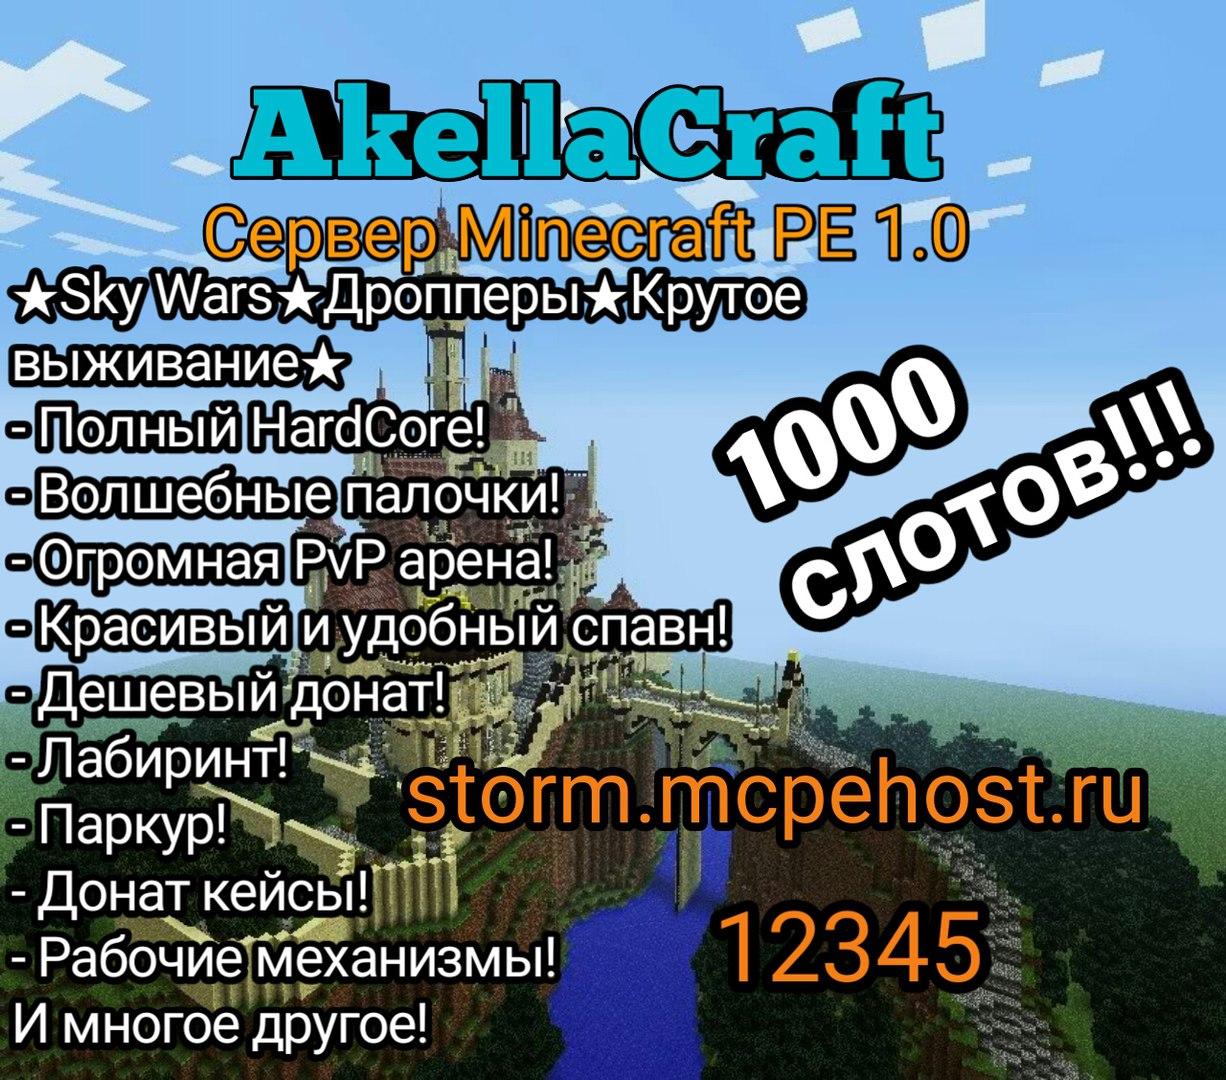 AkellaCraft